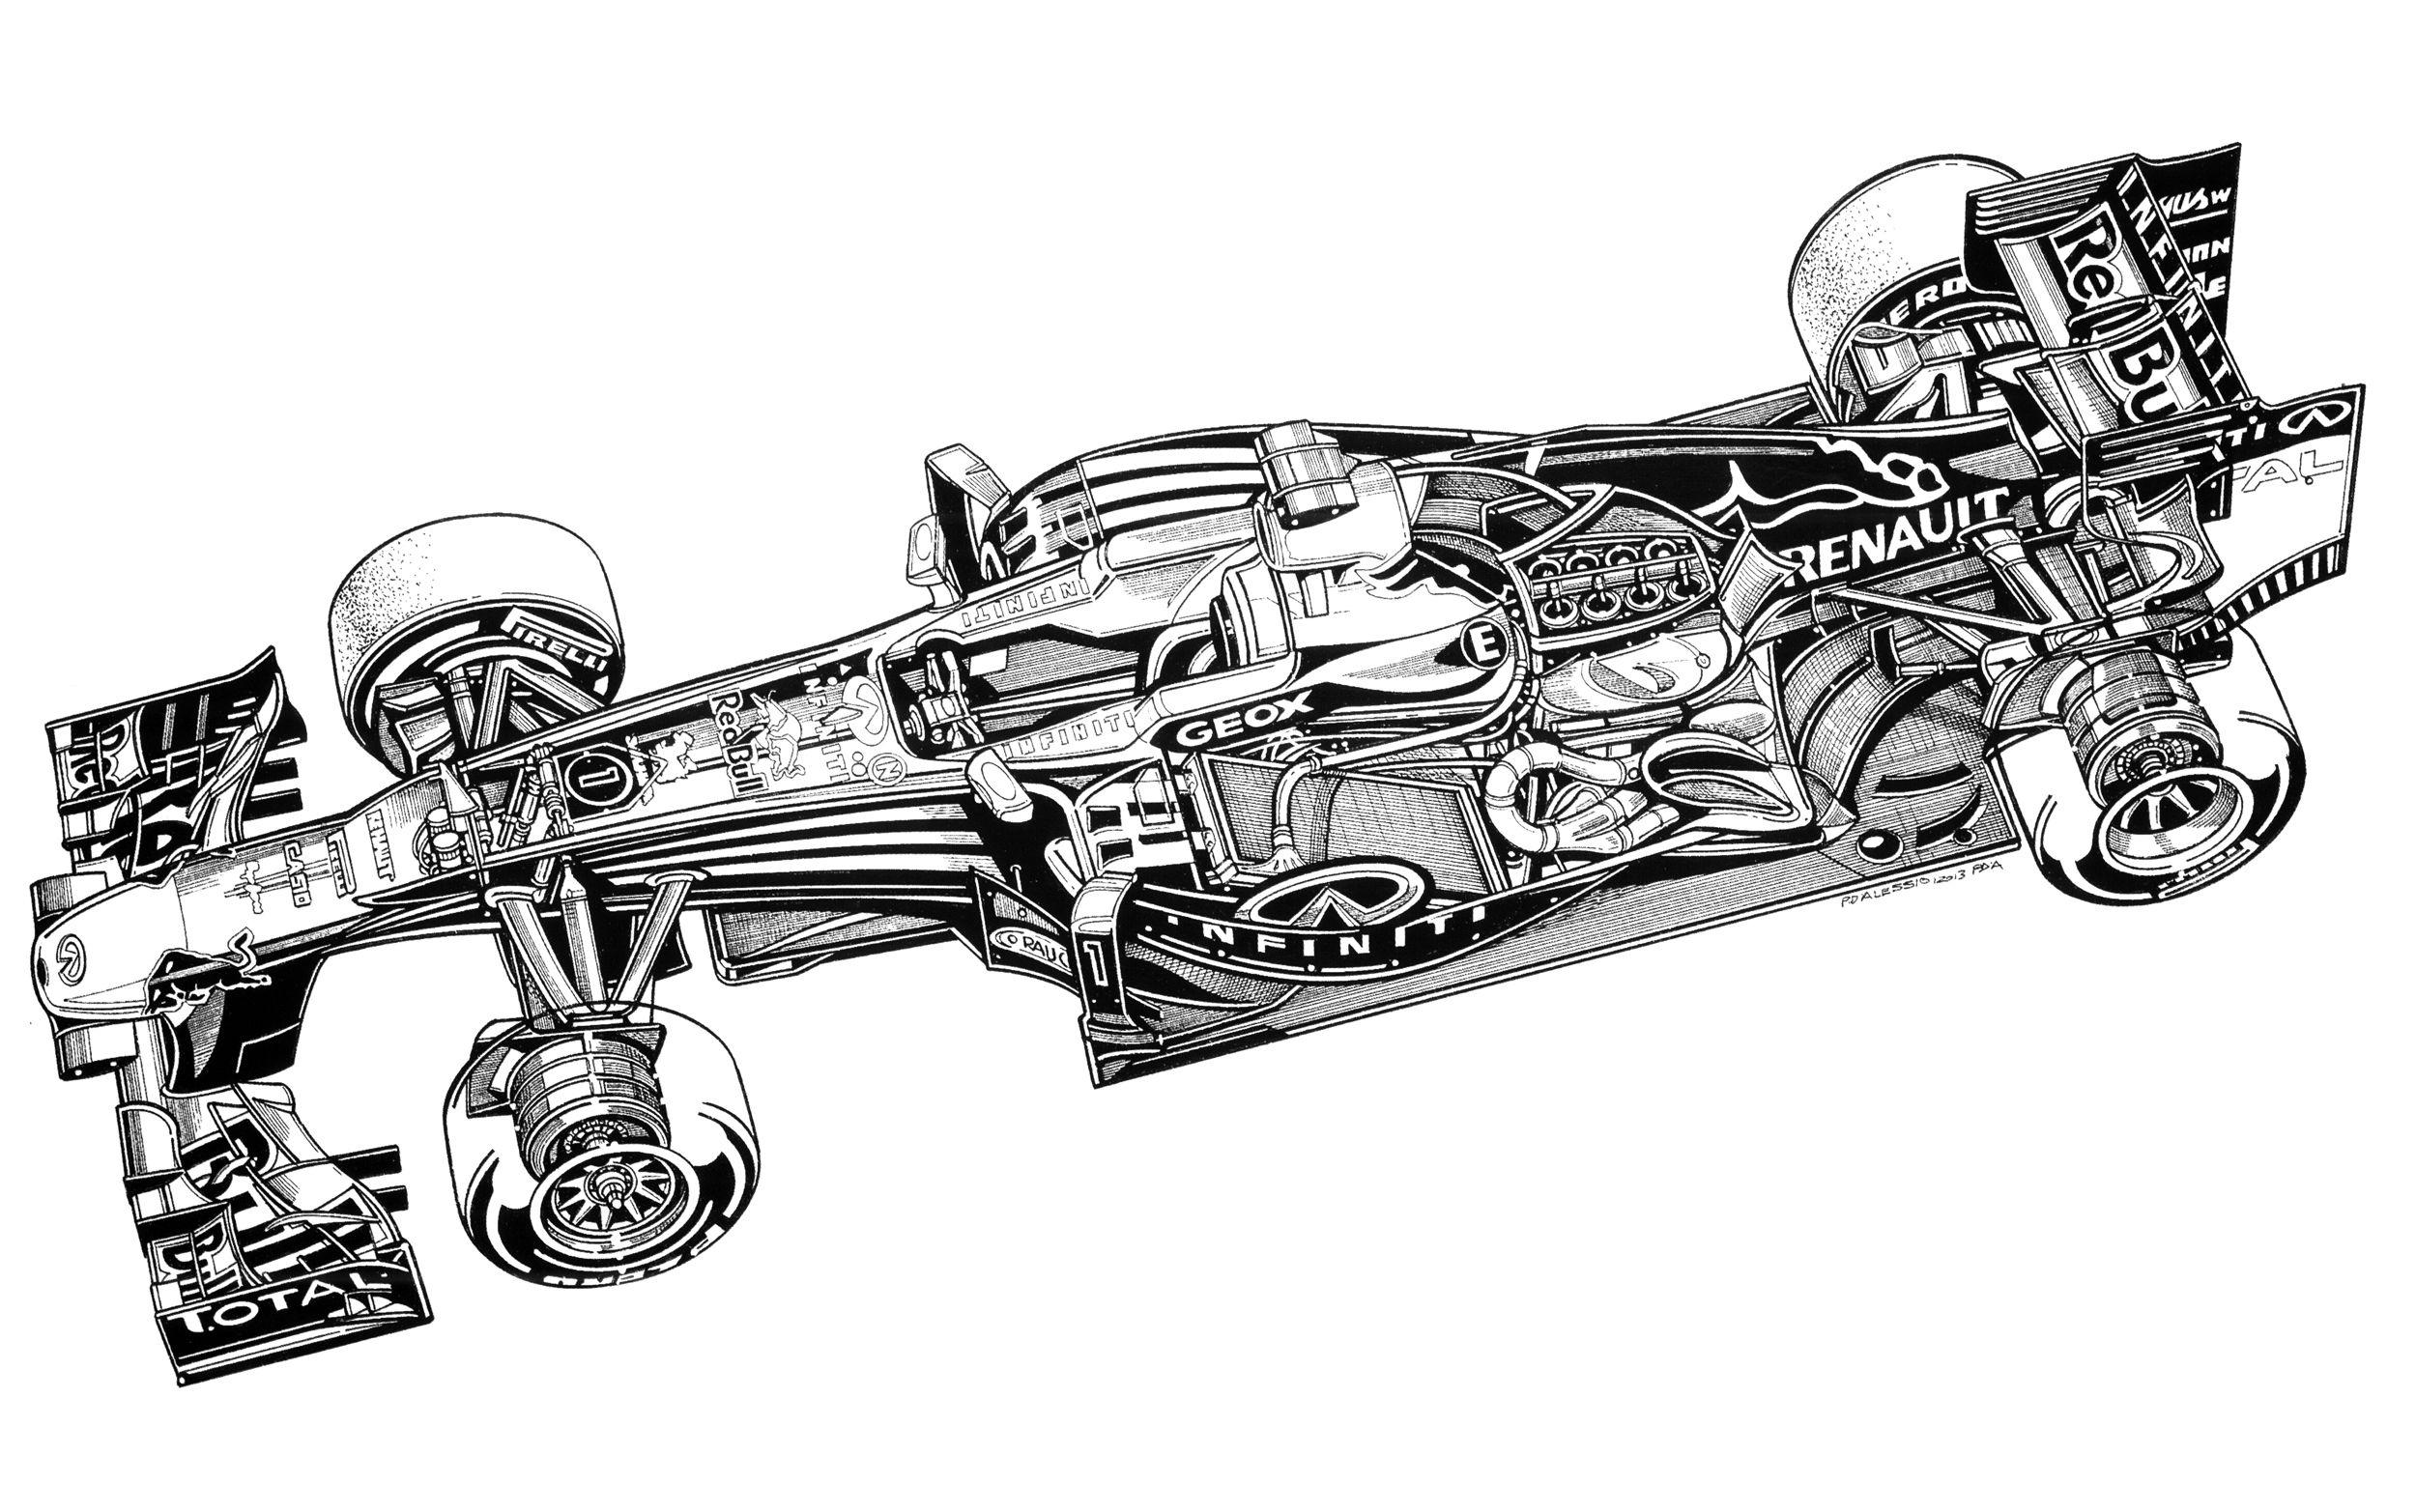 eb6a49.jpg (1024×641) | Formula 1 | Pinterest